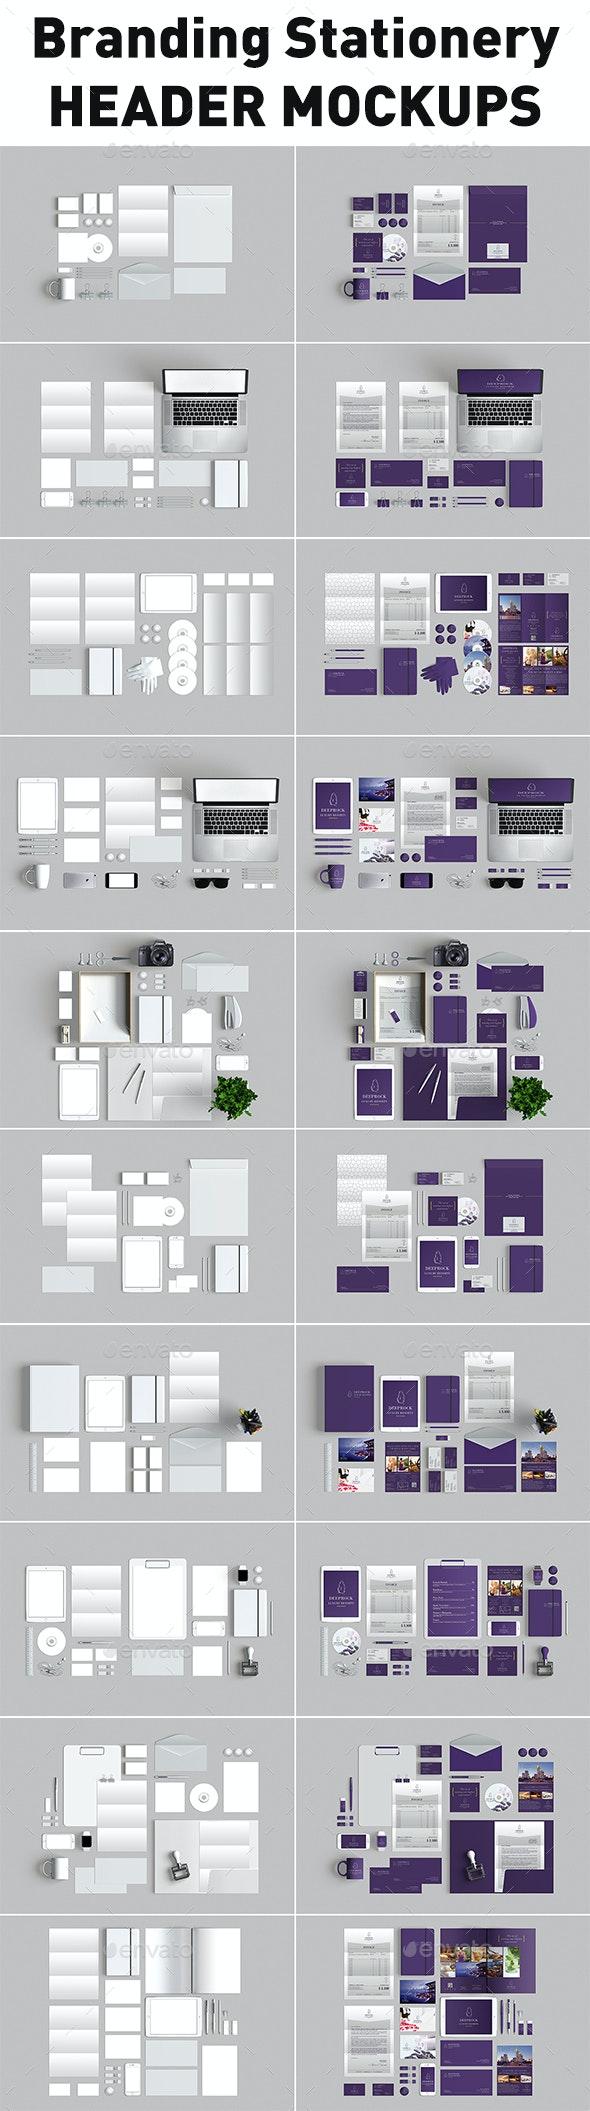 10 Branding Stationery Mockups - Stationery Print